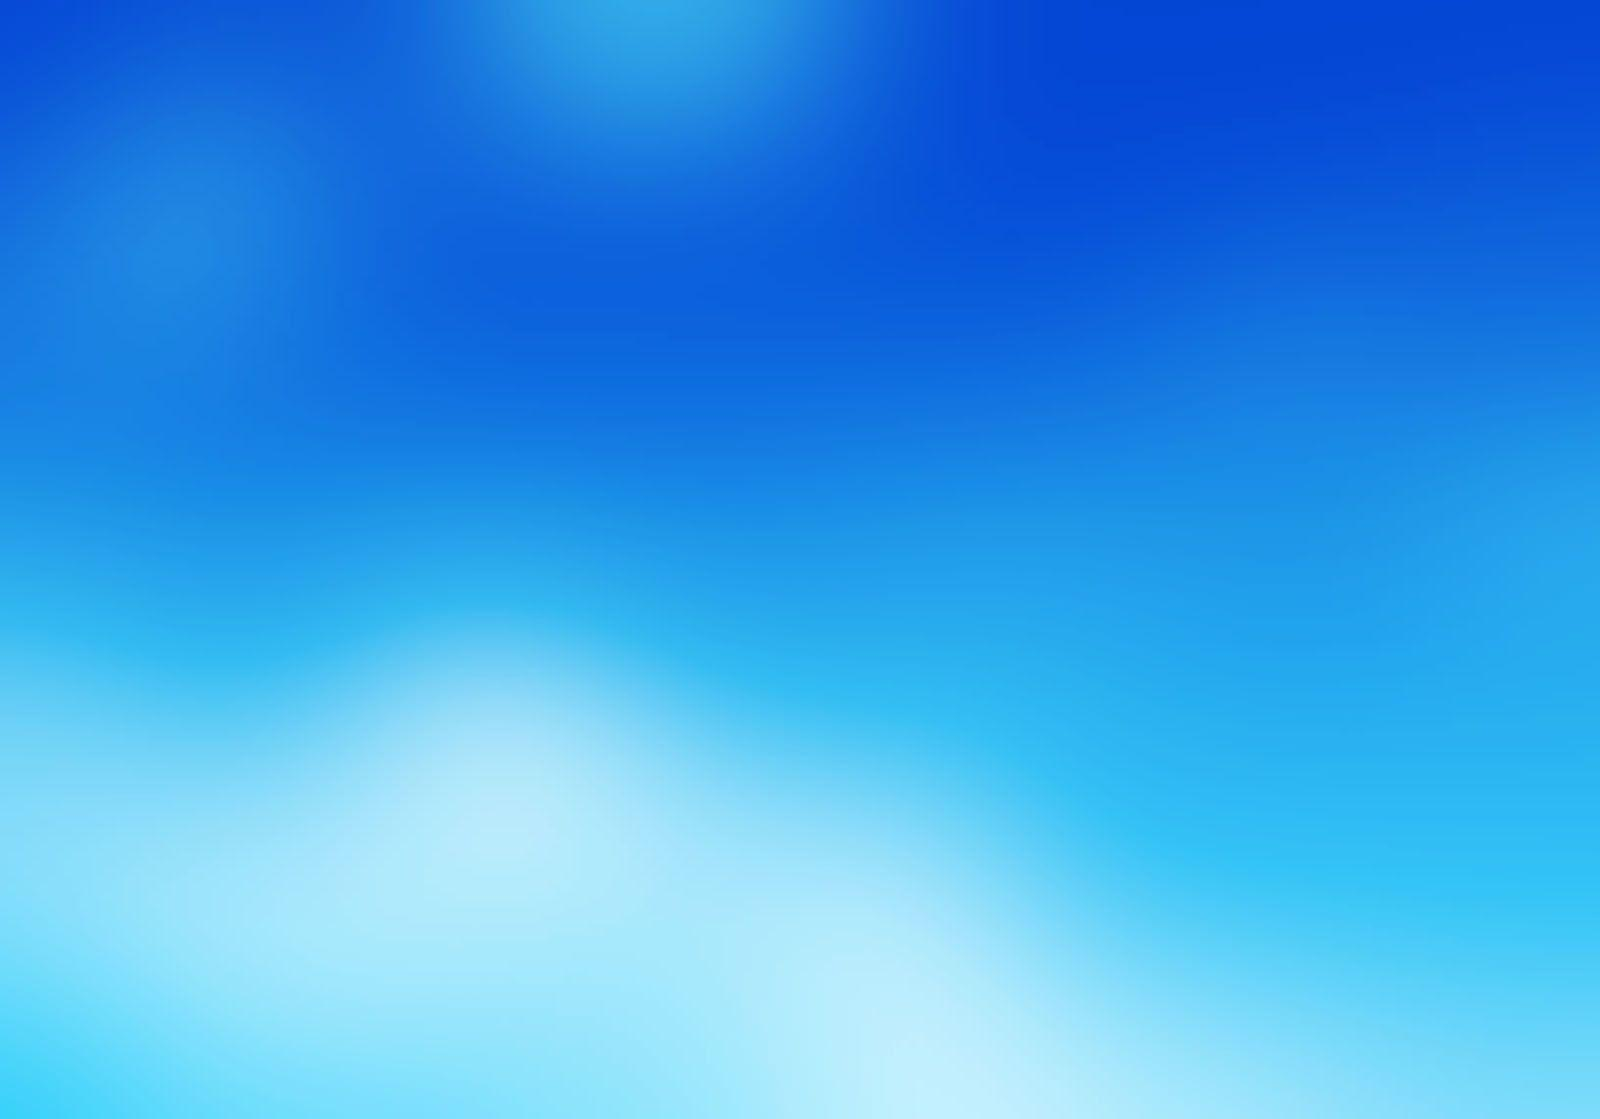 Light Blue Wallpaper Hd